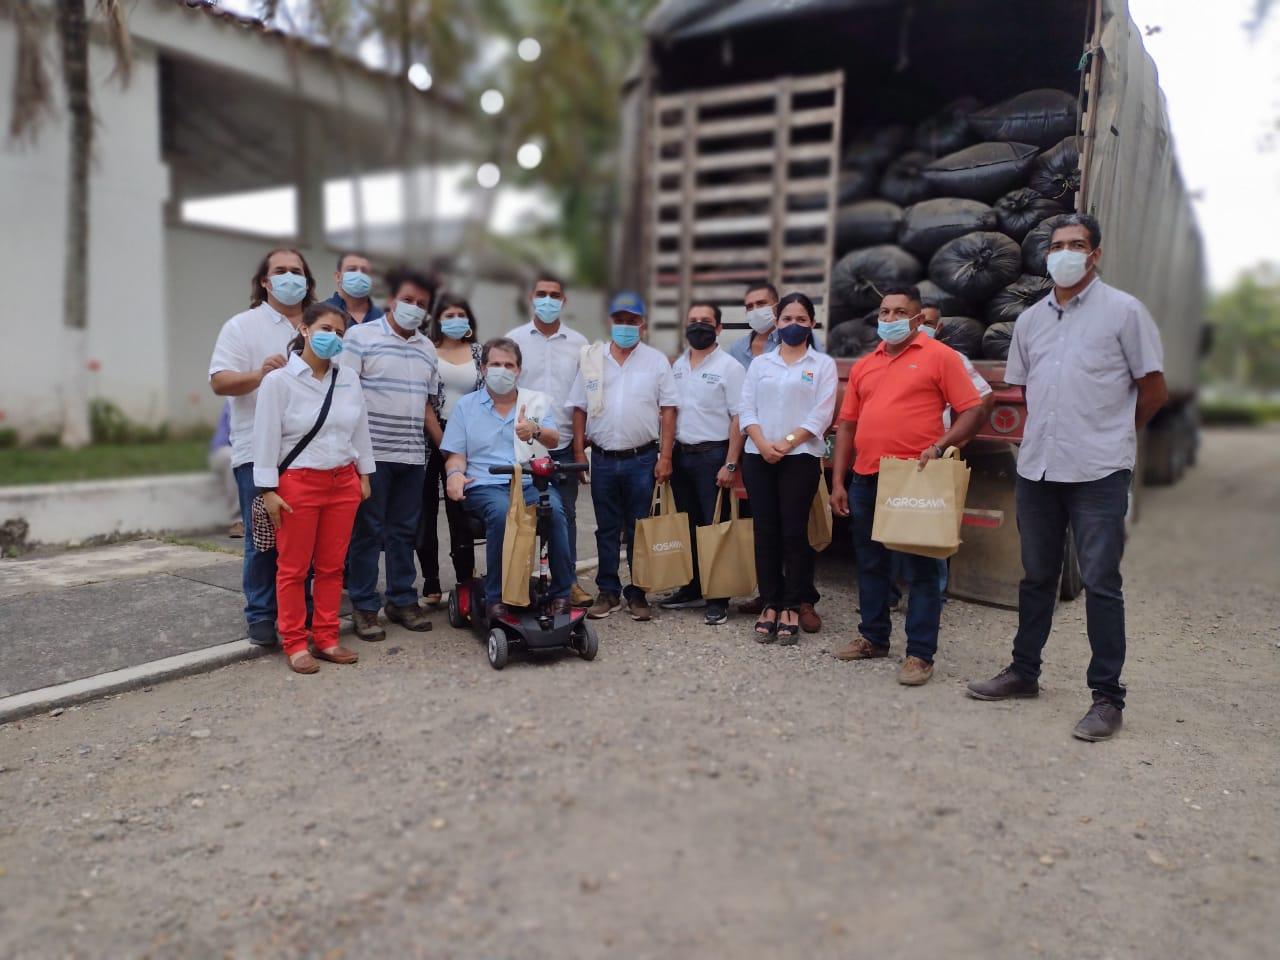 AGROSAVIA entrega ensilaje de maíz como alternativa de alimentación bovina para la época de sequía